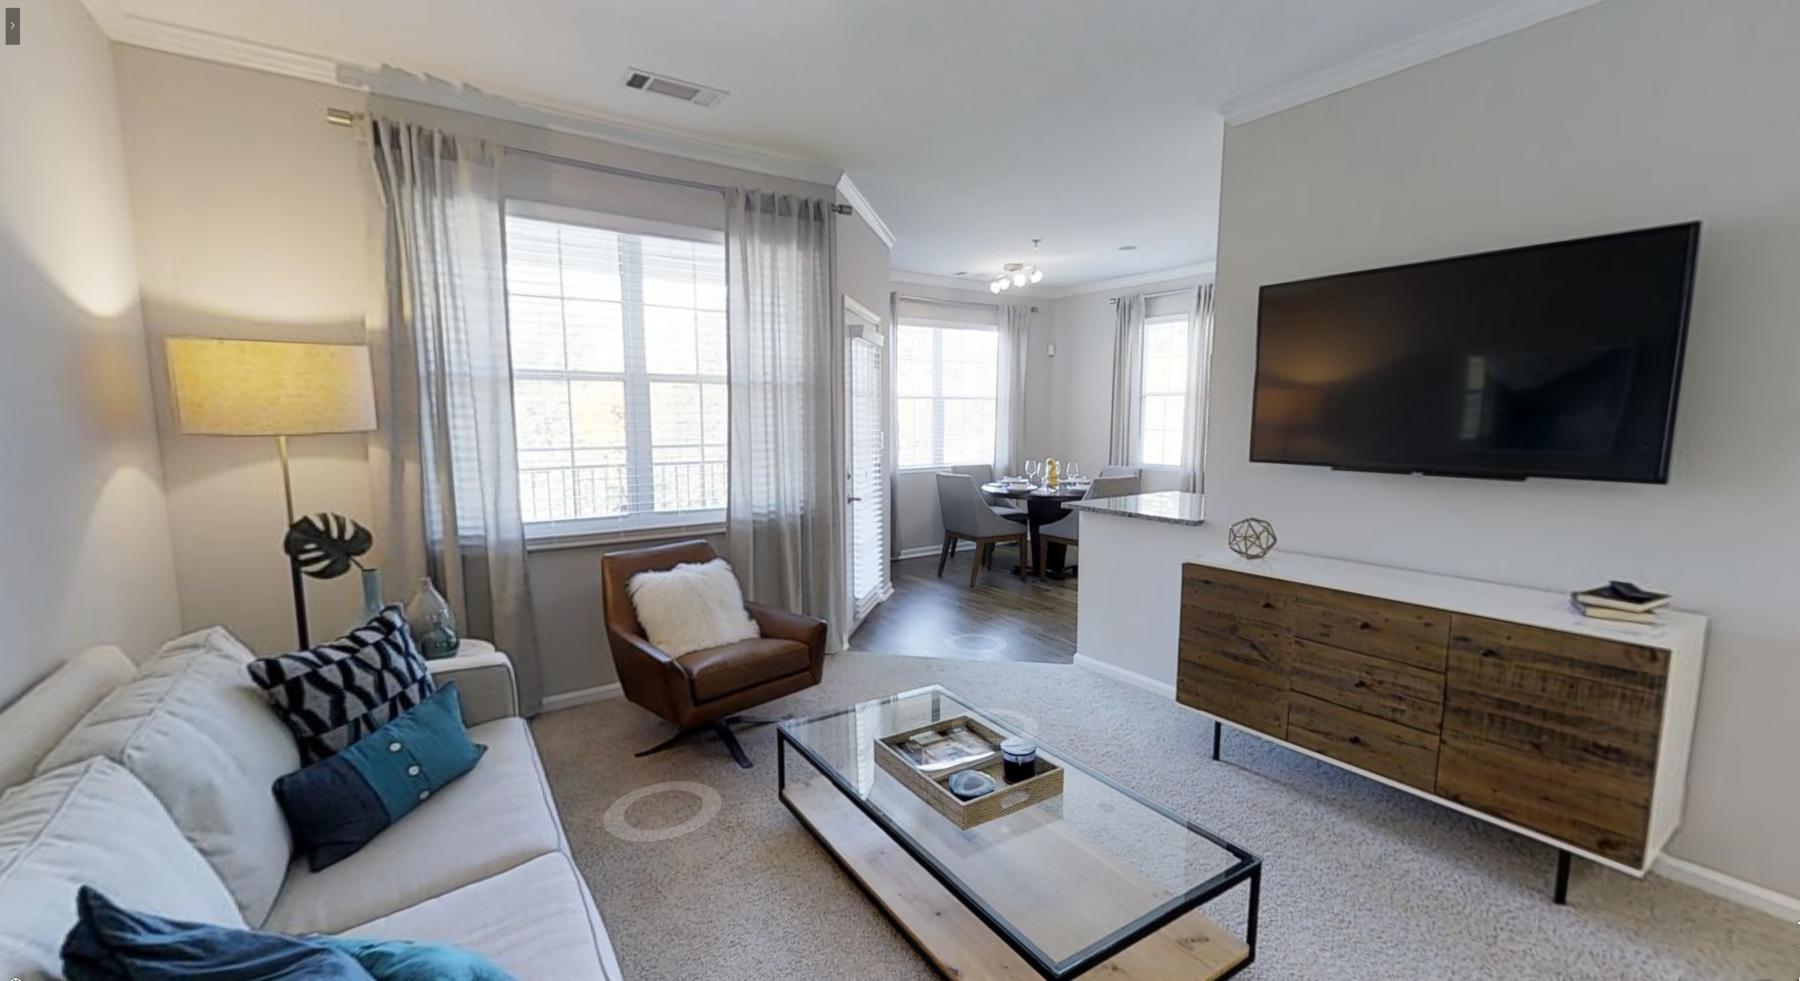 13 - Remodeled Living Room